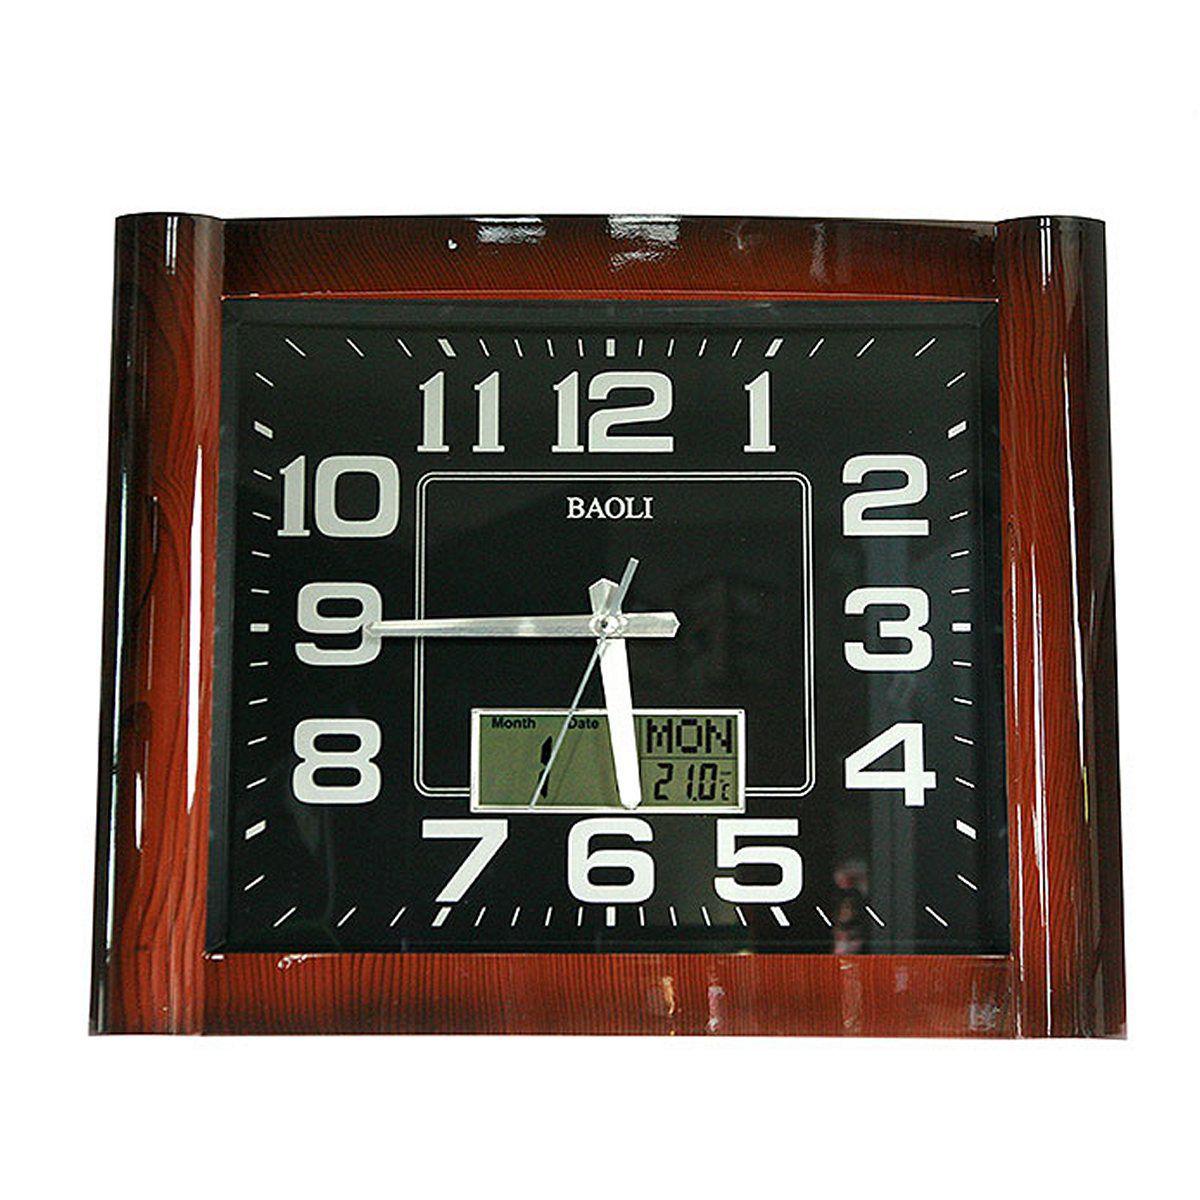 Часы настенные Русские Подарки, с календарем, термометром, электронными часами, 41 х 50 см. 148127148127